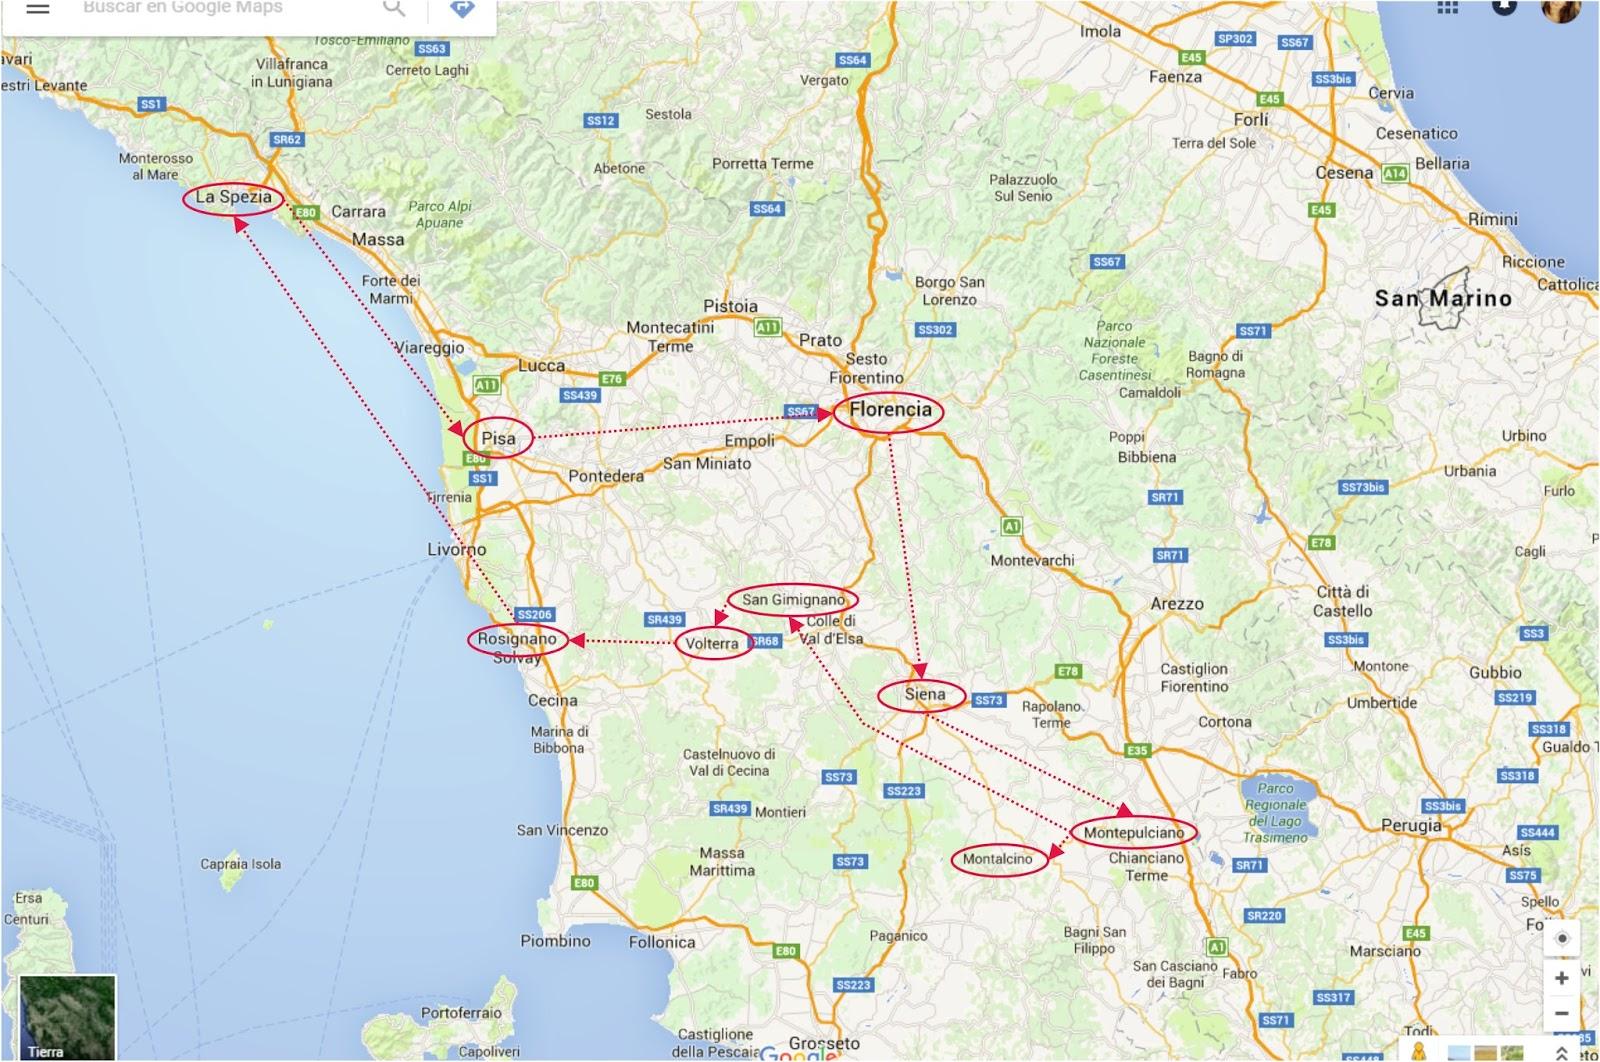 Mapa De La Toscana Y Sus Pueblos.La Toscana Y Cinque Terre En 10 Dias Descubre La Toscana